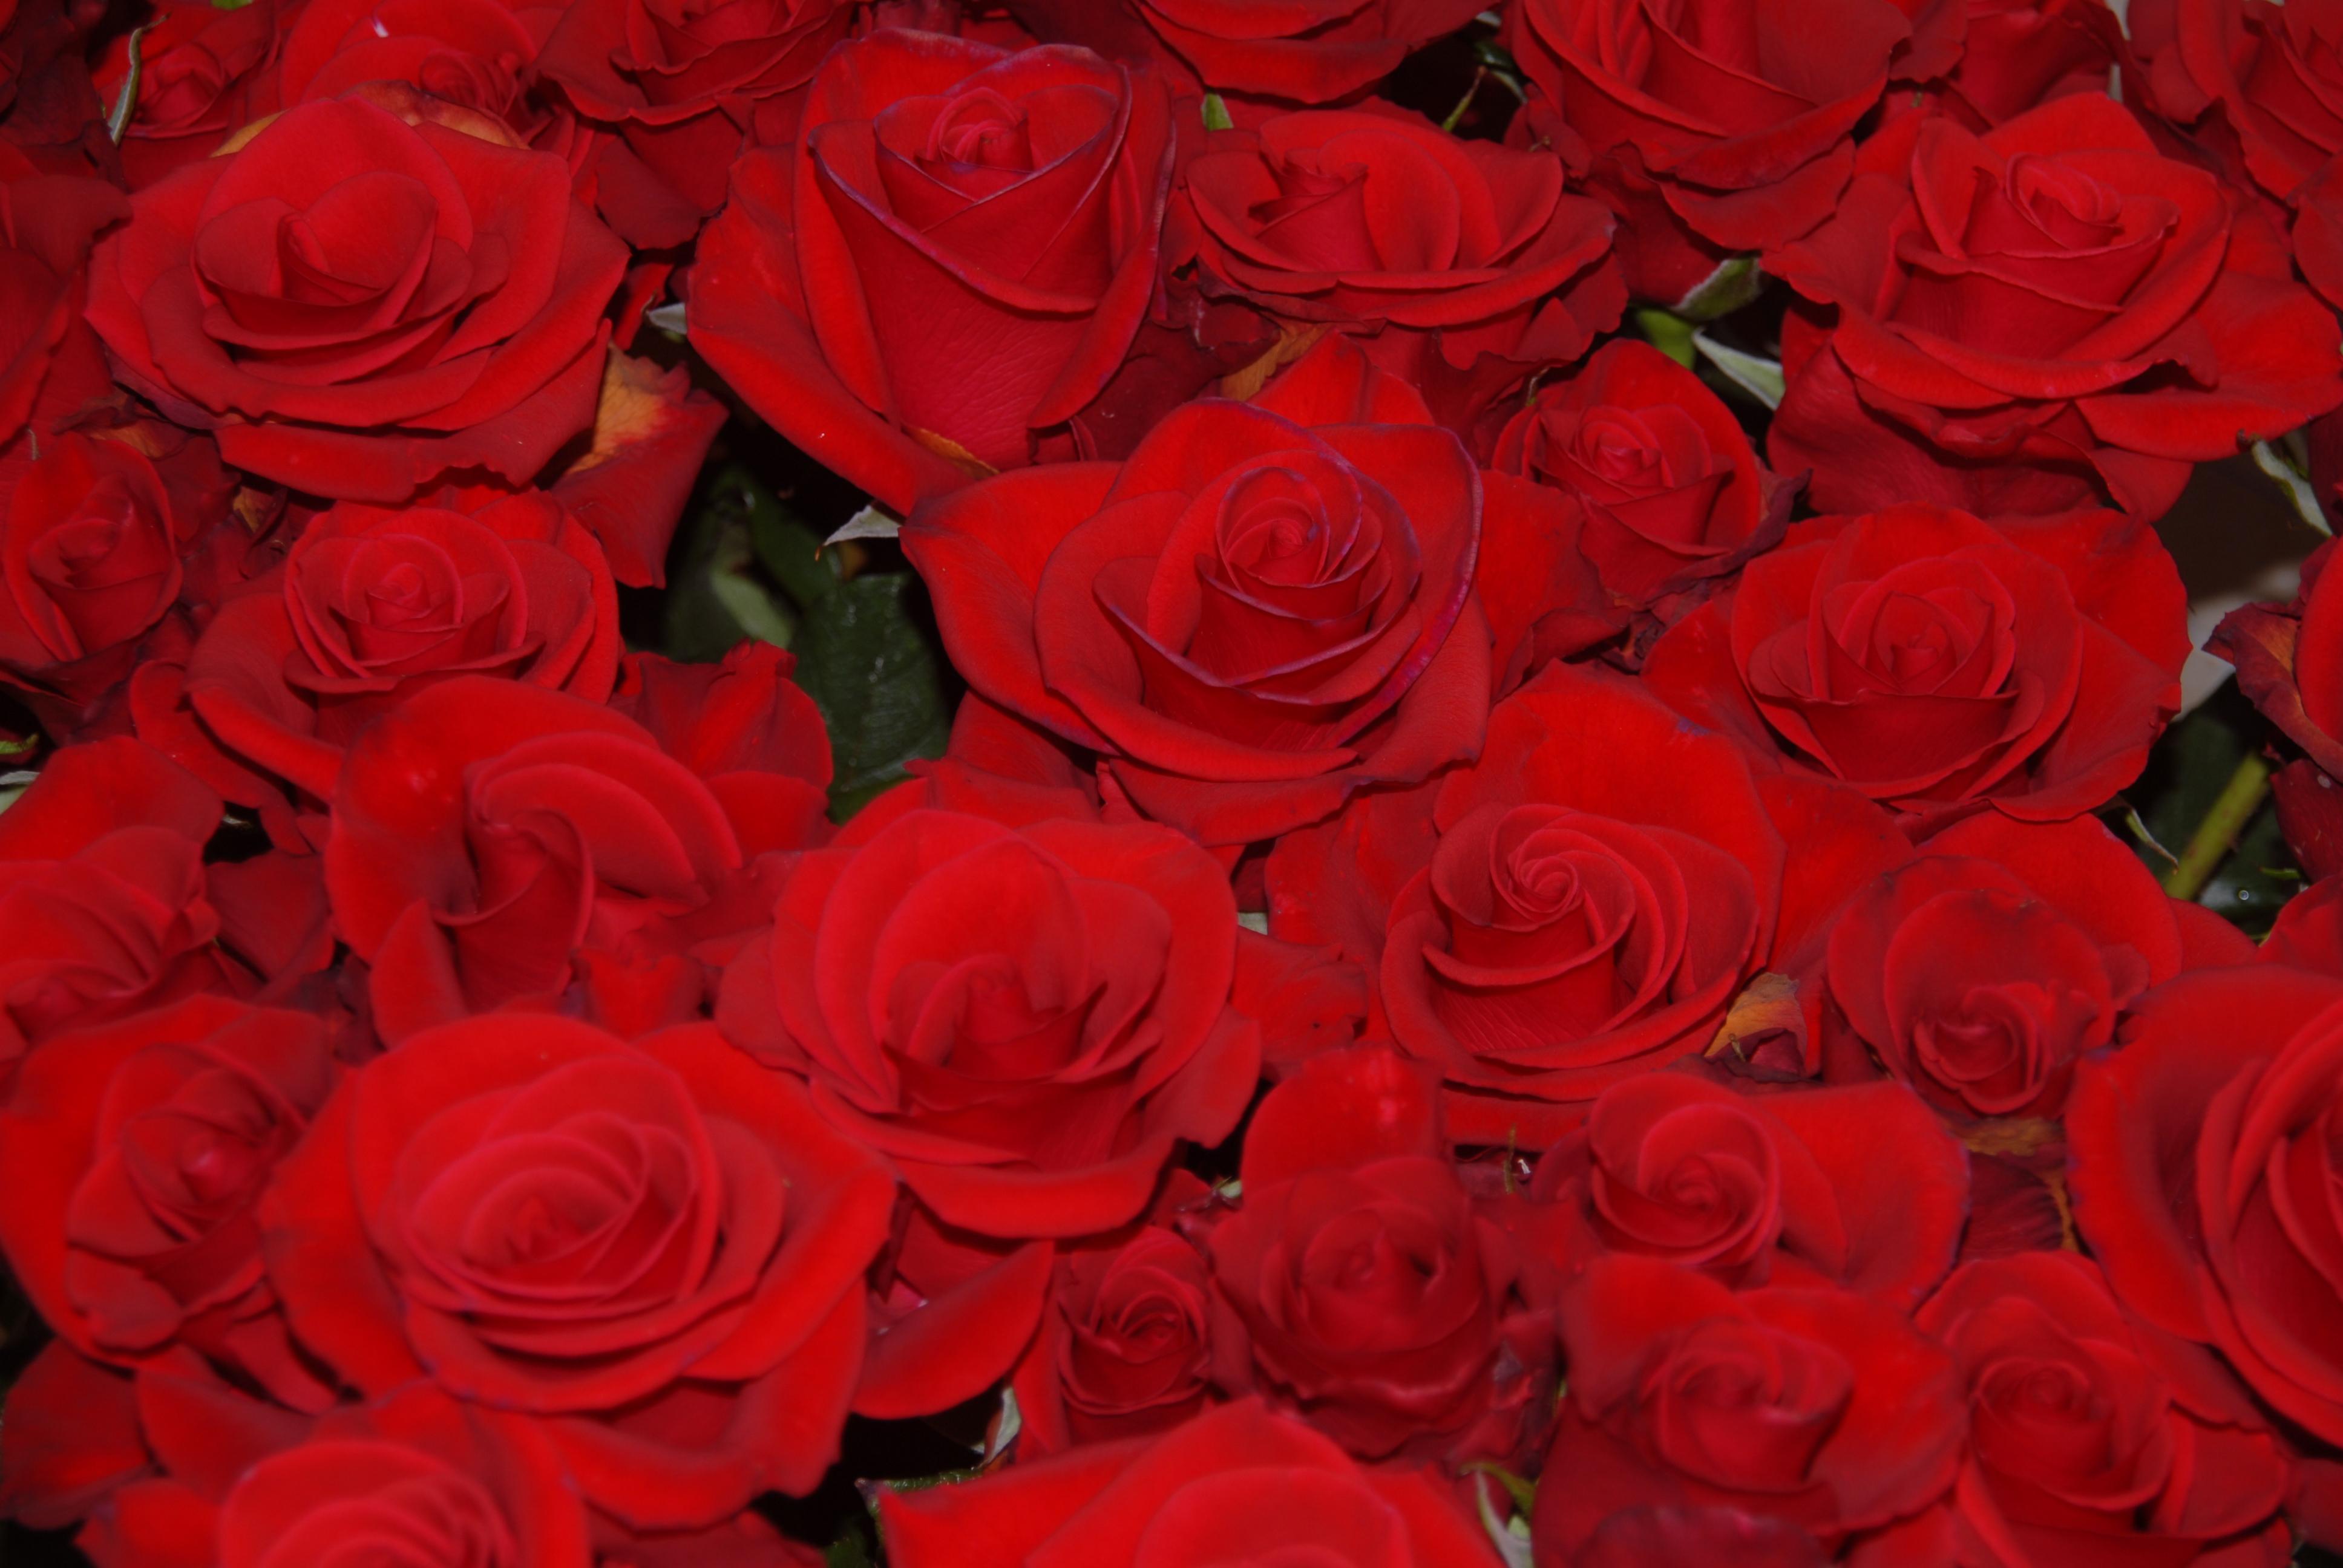 File:Red roses.jpg - Wikimedia Commons: https://commons.wikimedia.org/wiki/File:Red_roses.jpg